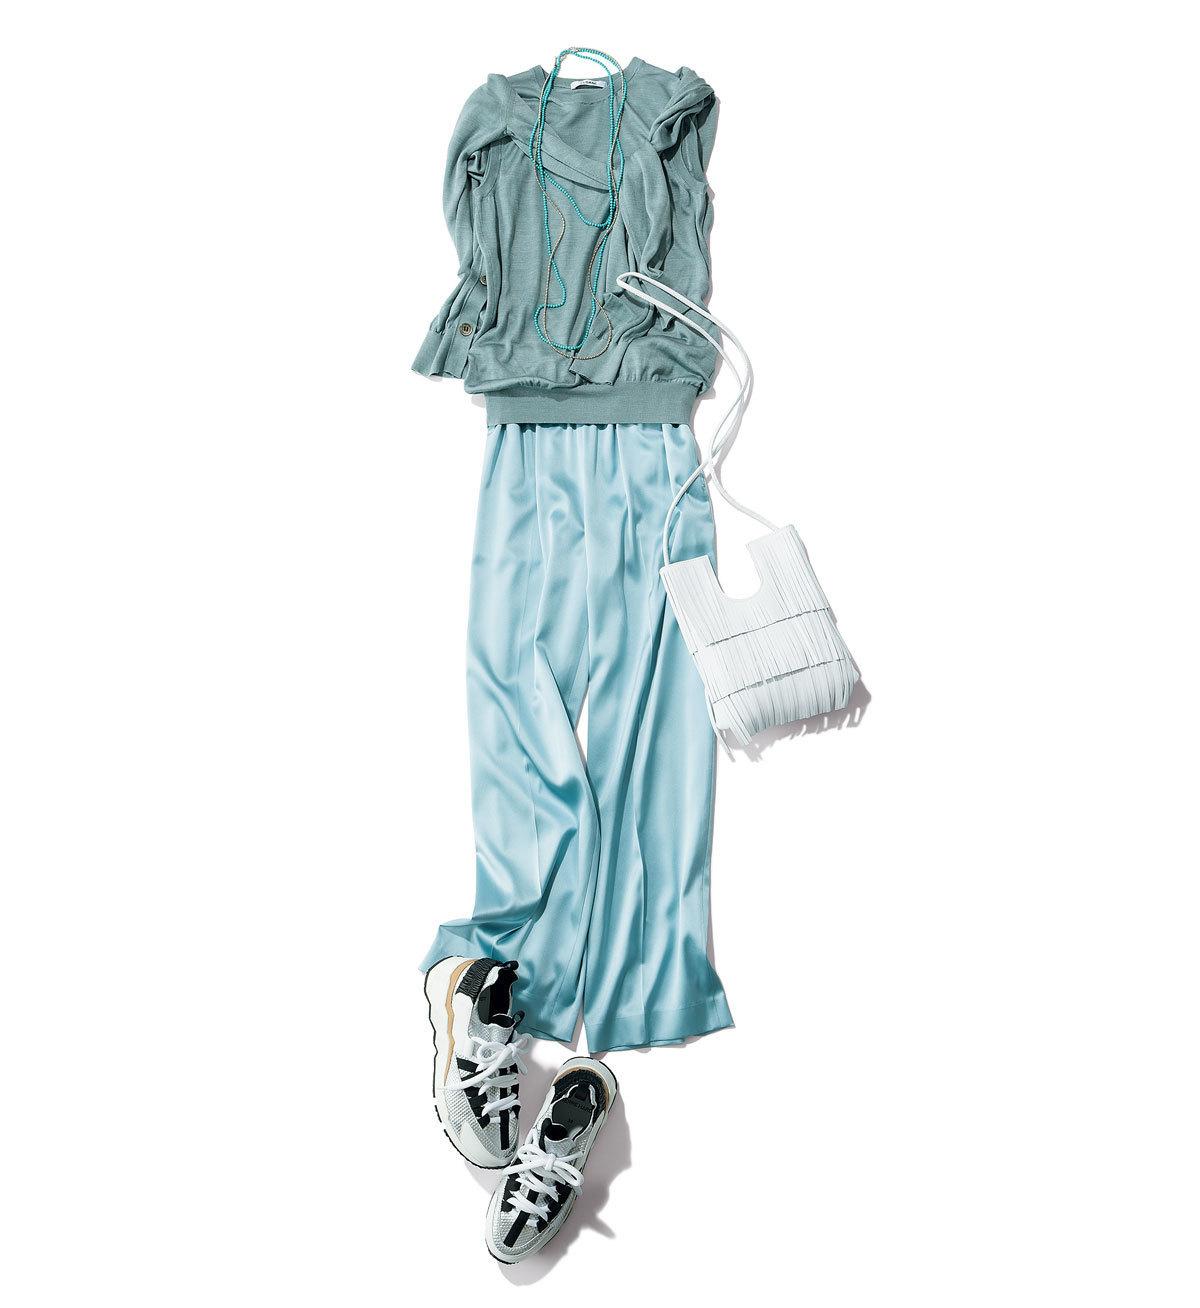 【夏に映えるブルーコーデまとめ】アラフォーが上品かつこなれて見えるコーデのポイントとは? |40代ファッション_1_7